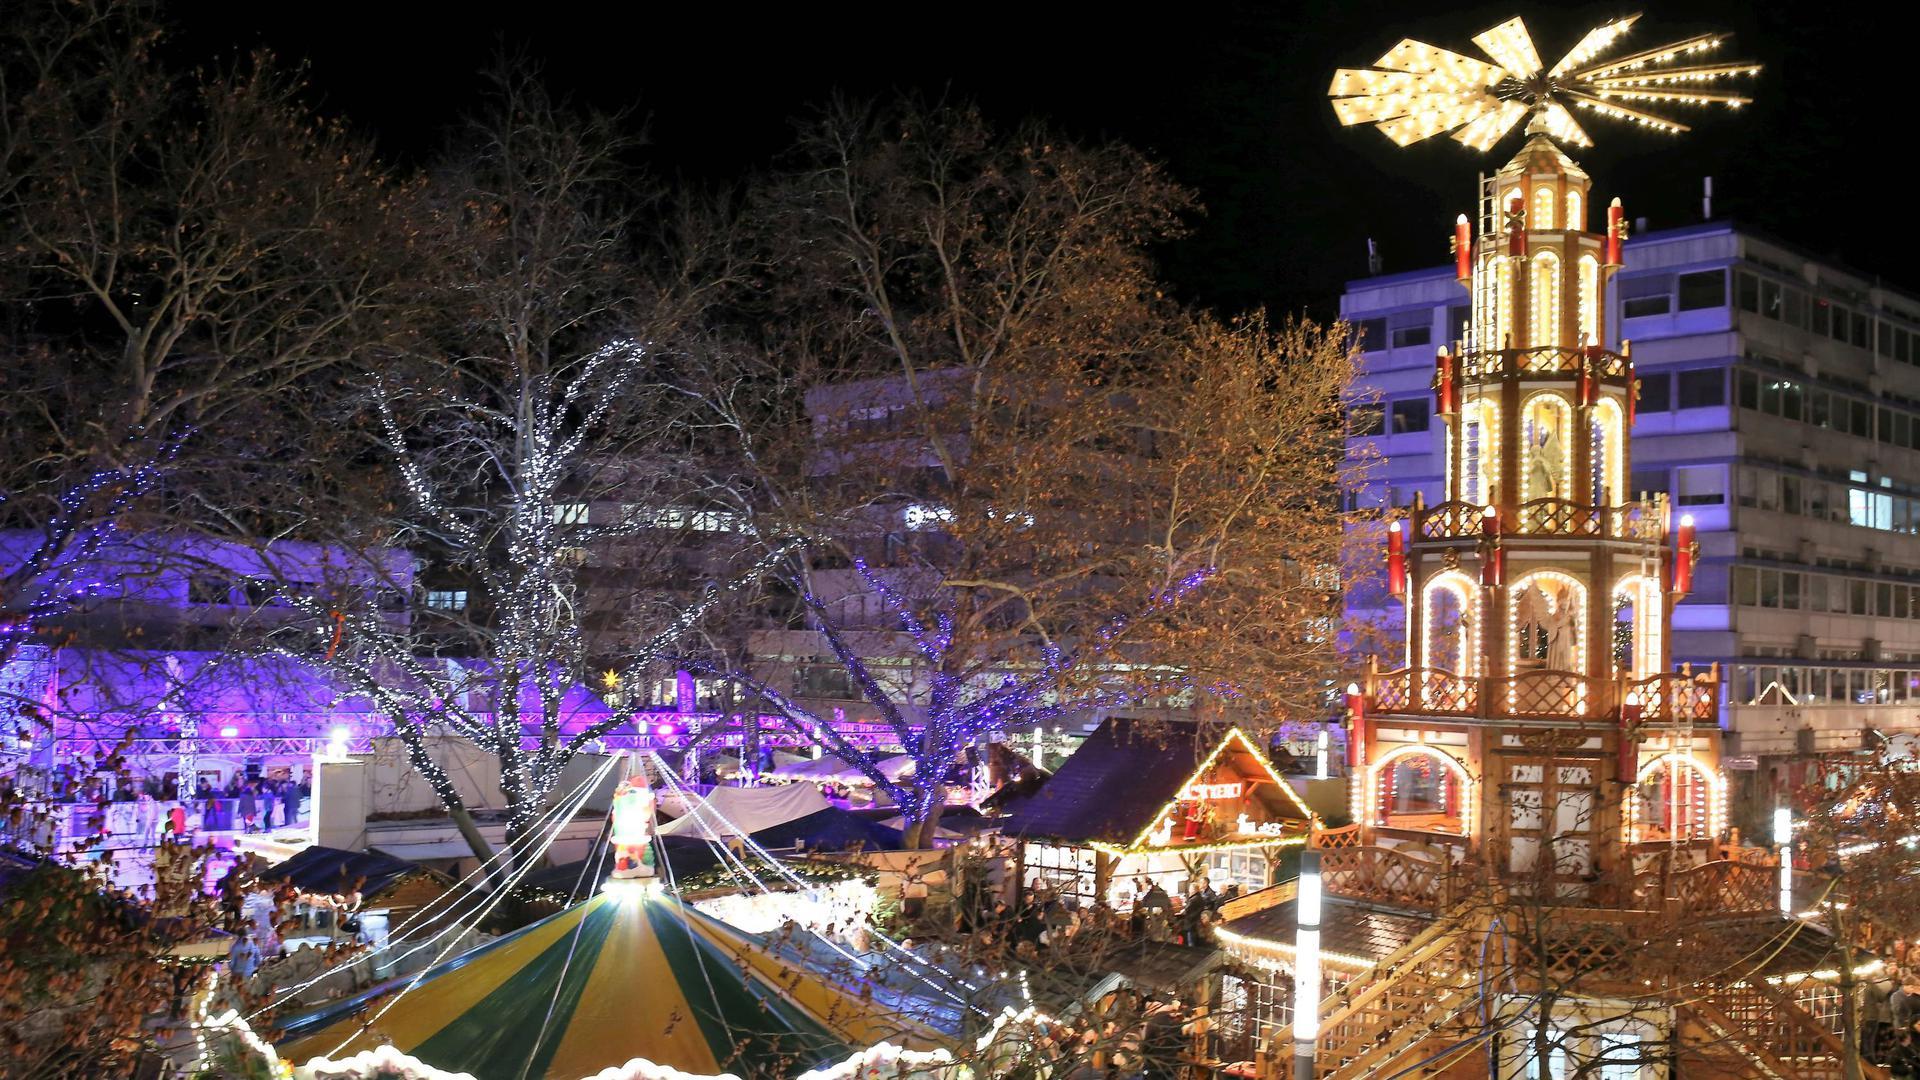 Blick auf die Engels Pyramide und die Weihnachtsmarkt-Stände auf dem Pforzheimer Marktplatz.